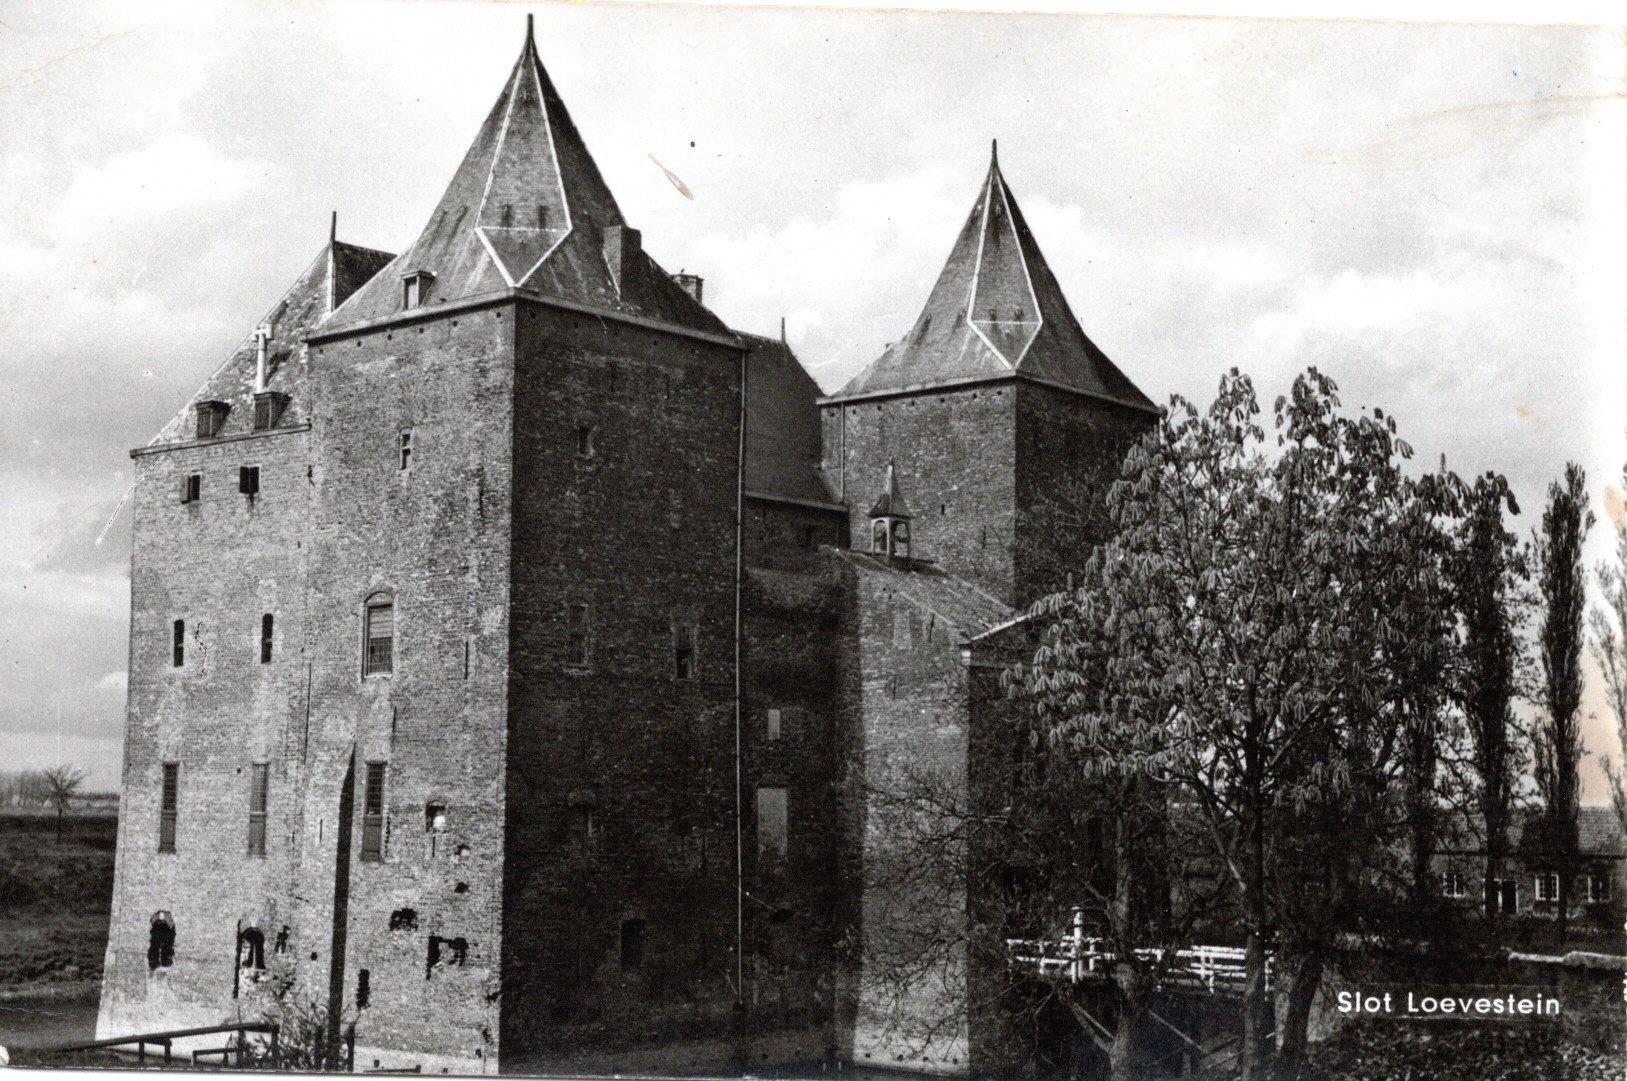 C1-Slot-Loevestein-1964